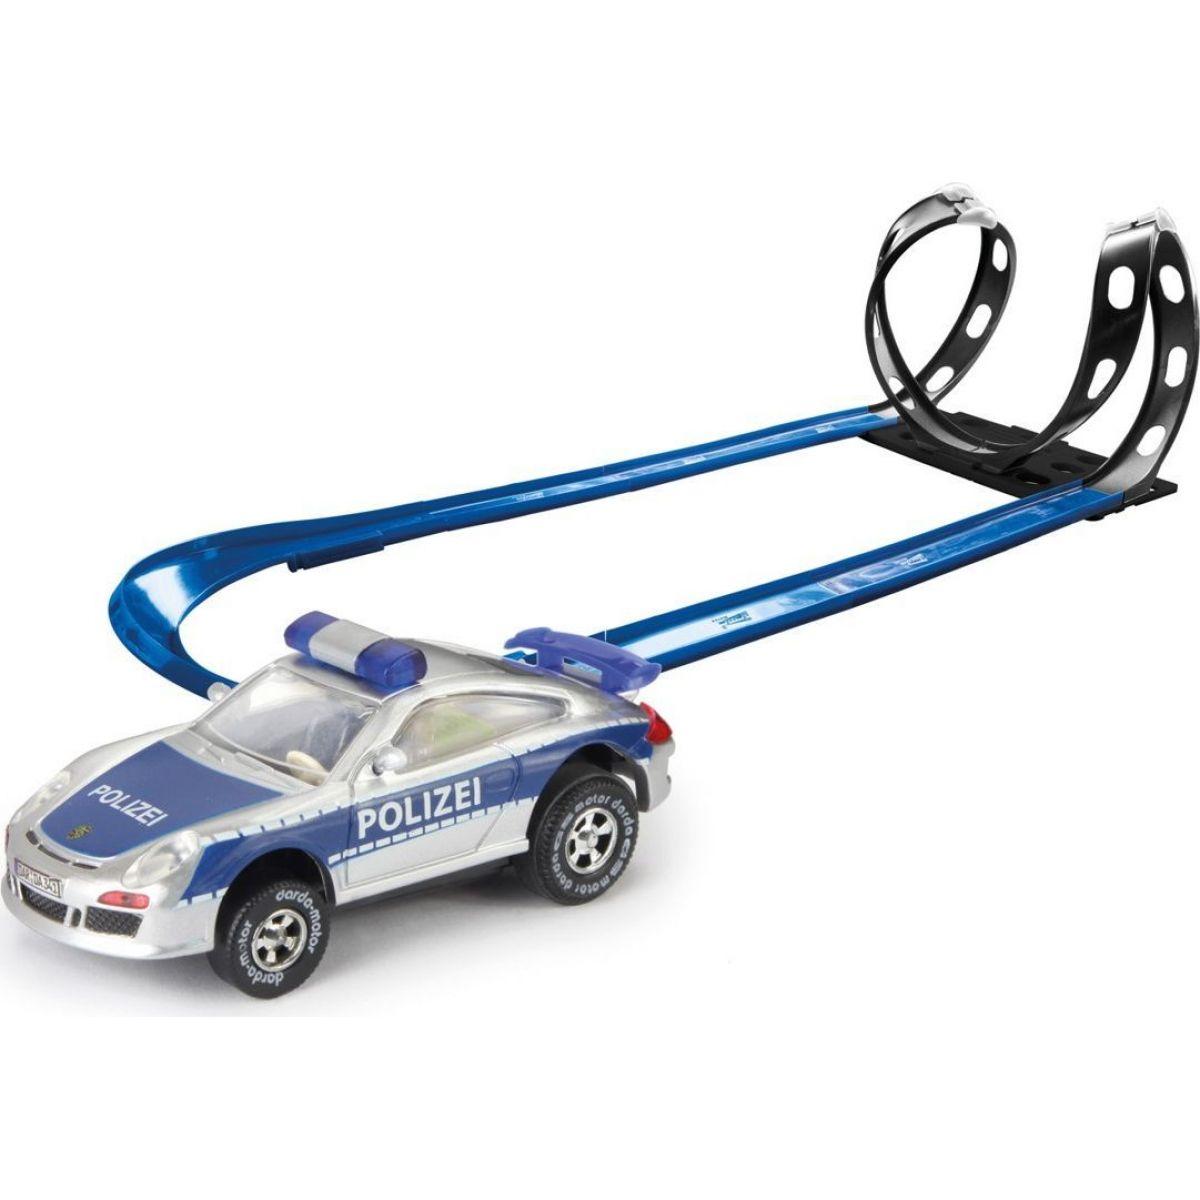 Darda Police Track závodná dráha